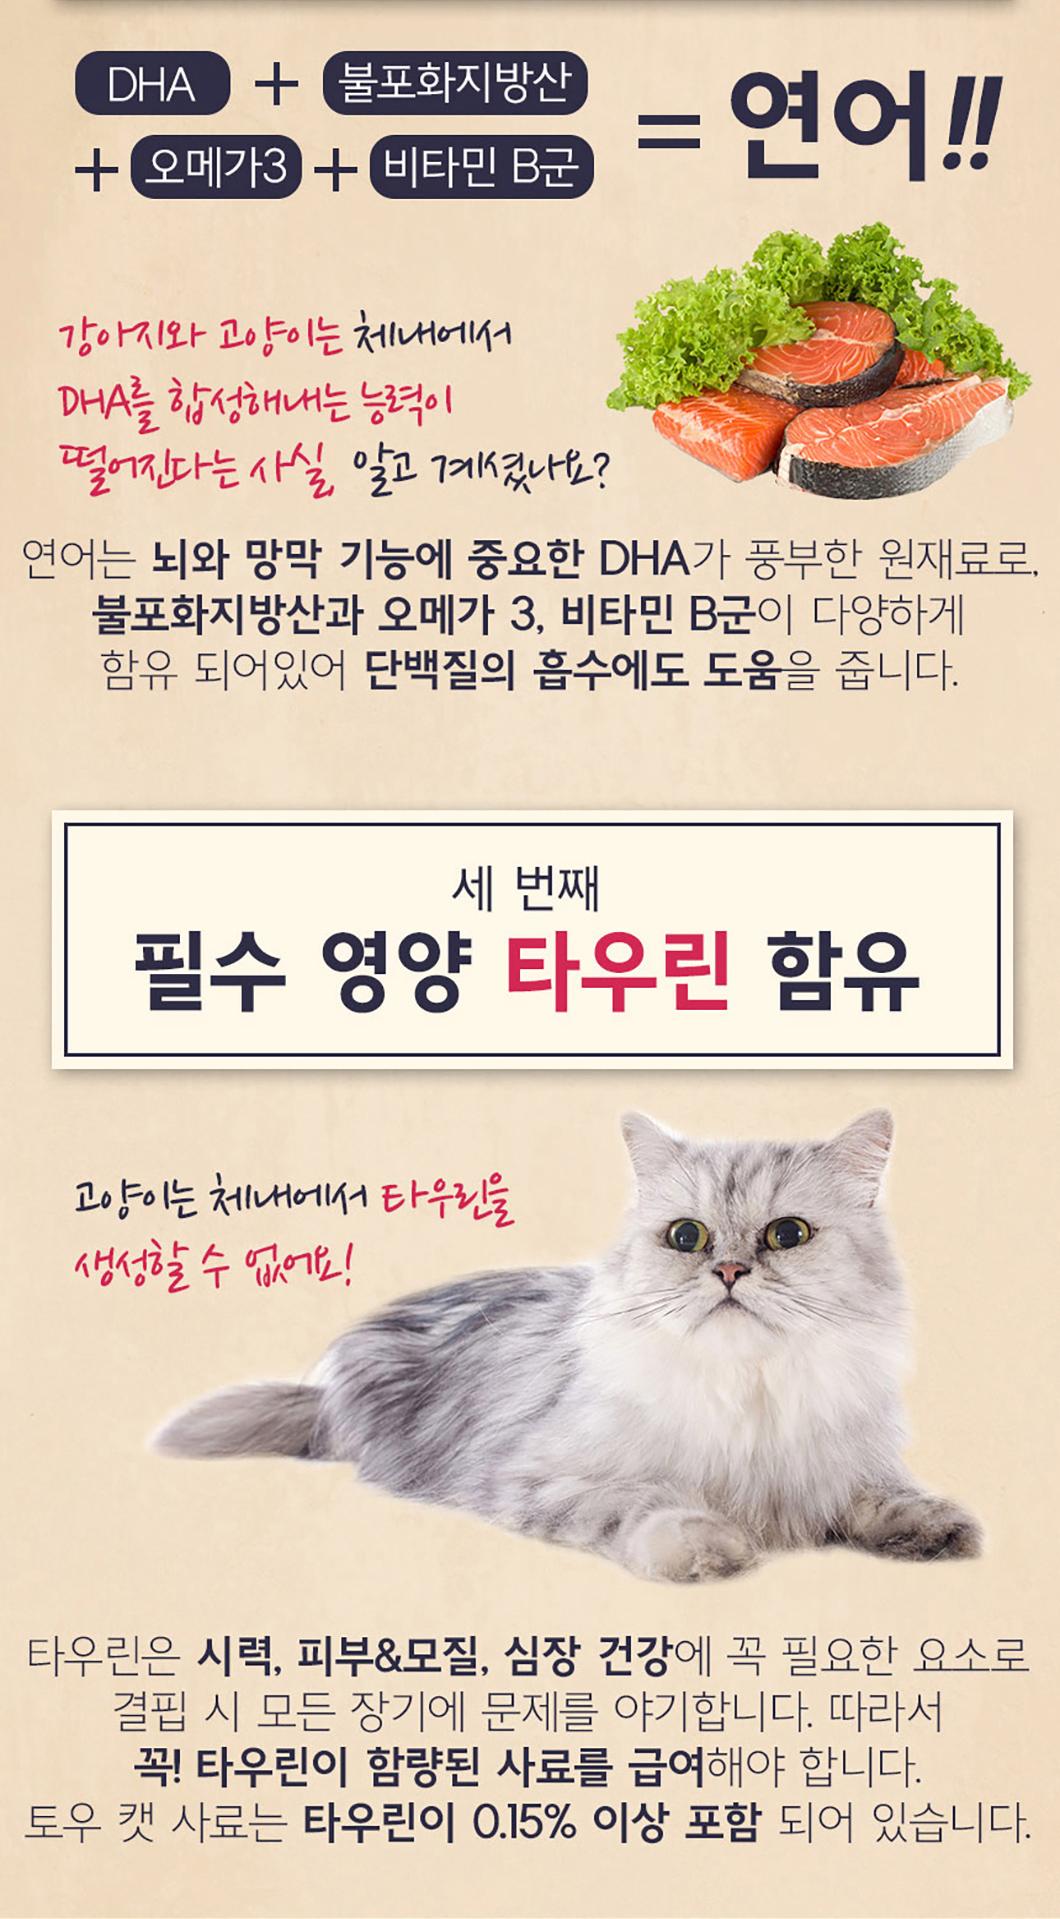 [강아지고양이사료]-TOW-토우-11종_2_09.jpg